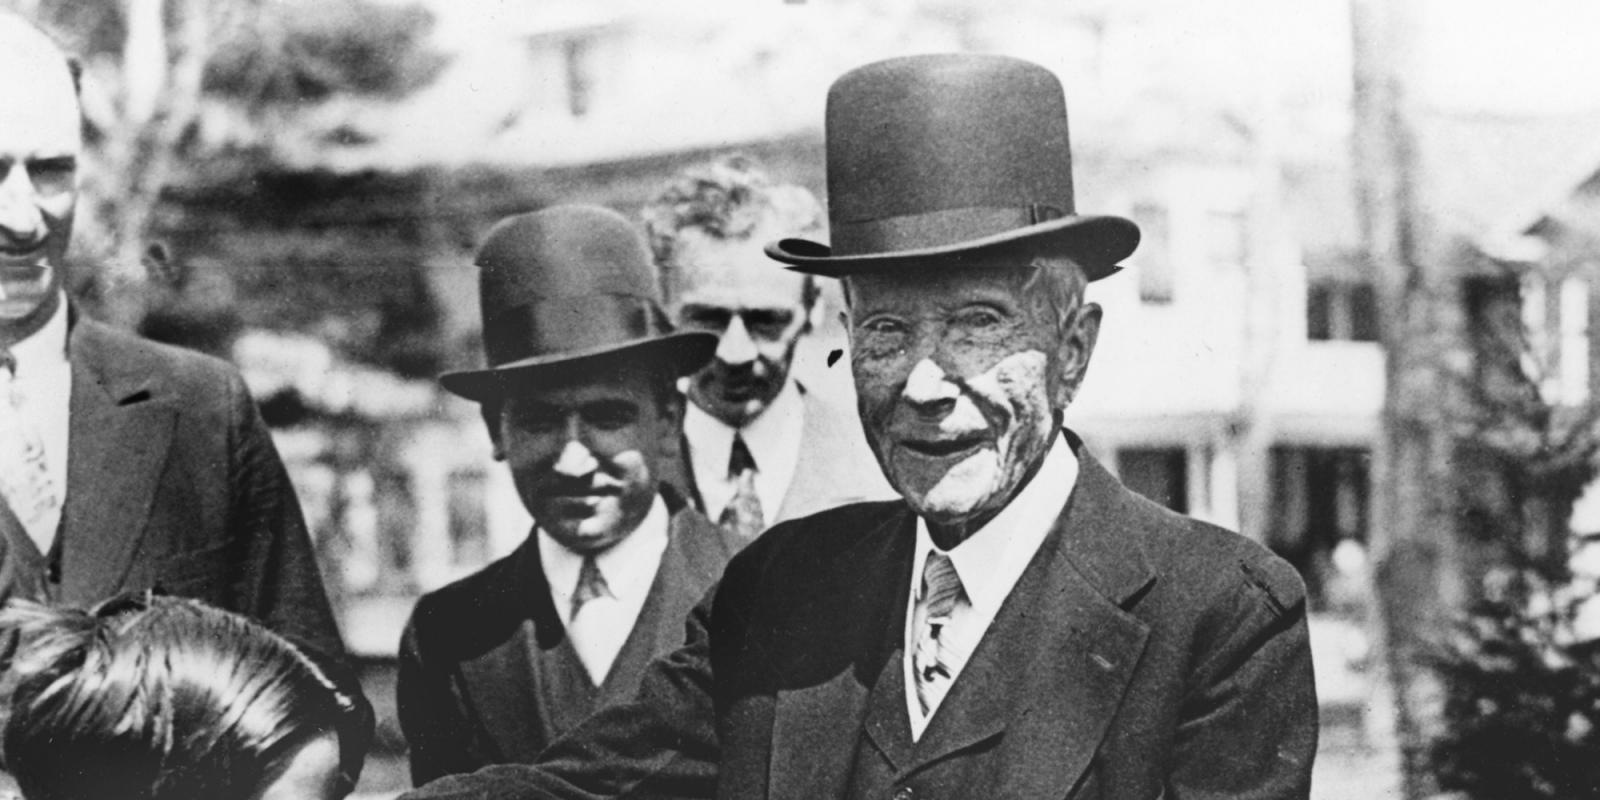 Rockefeller investe in criptovaluta 3 miliardi di Dollari nuova balena in arrivo - Rockefeller investe in criptovaluta 3 miliardi di Dollari: nuova balena in arrivo?